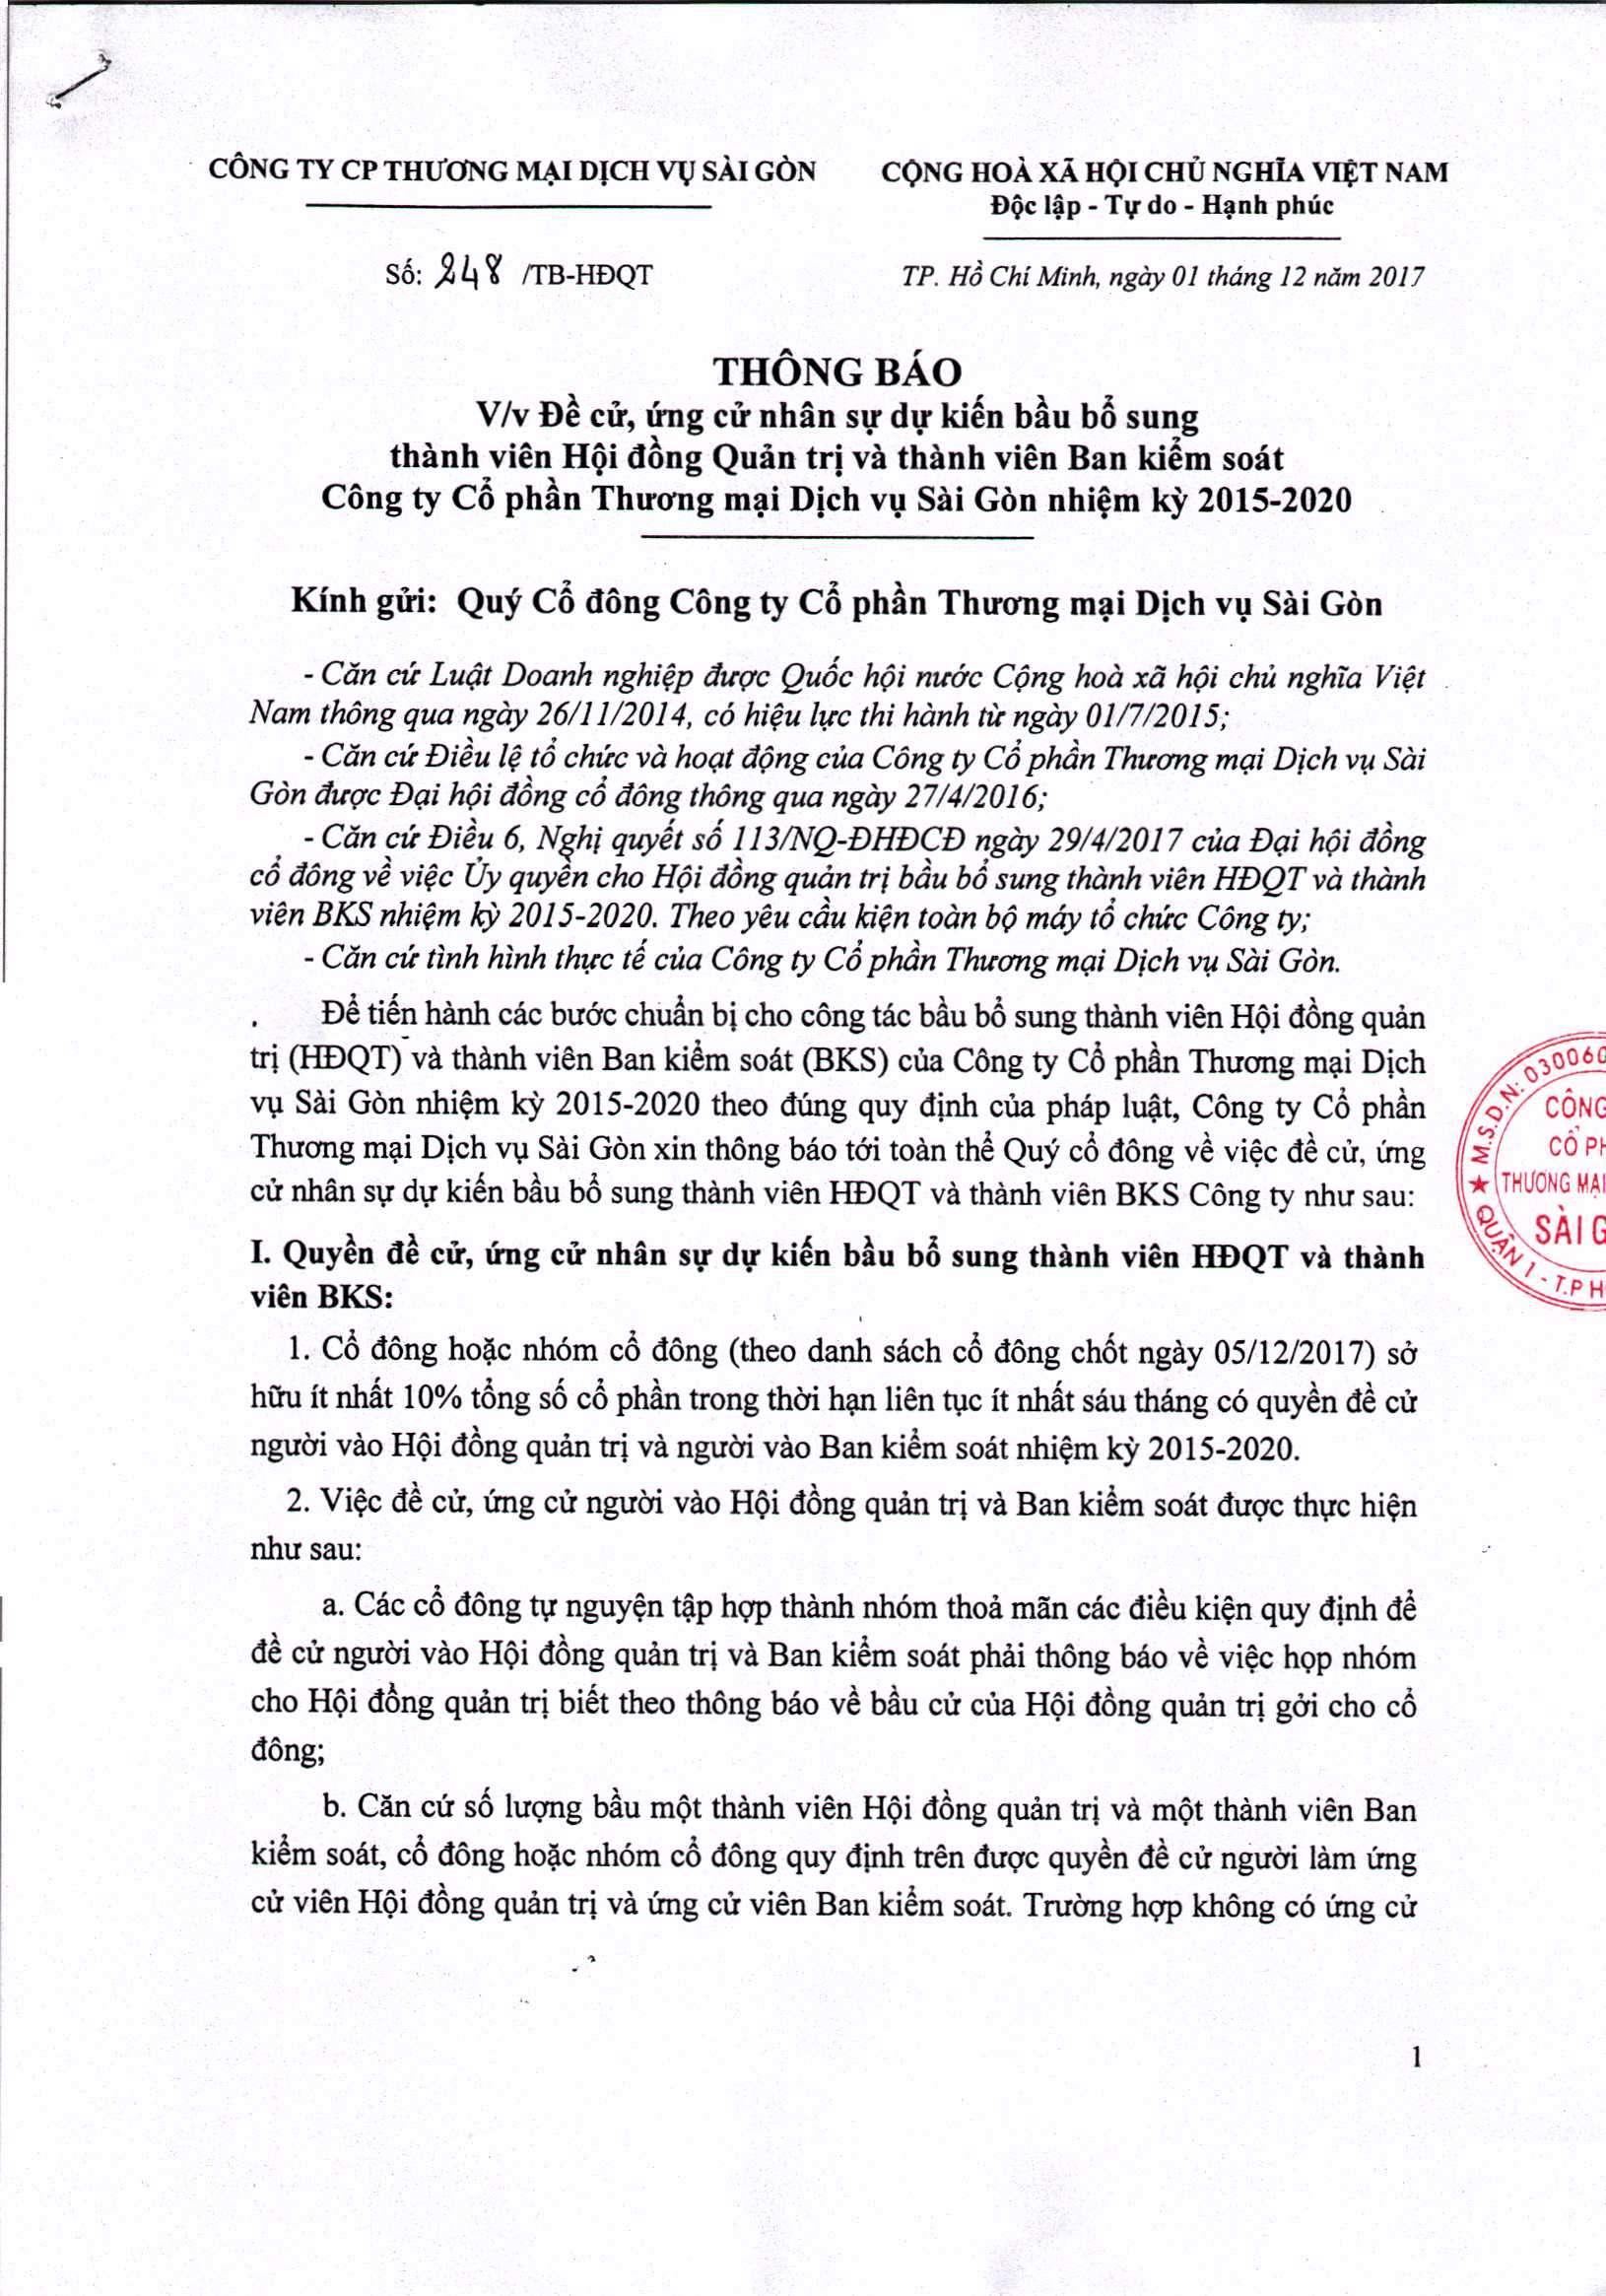 thông báo vv đề cử, ứng cử nhan sự dự kiến bầu bổ sung TV HĐQT và TV BKS 1